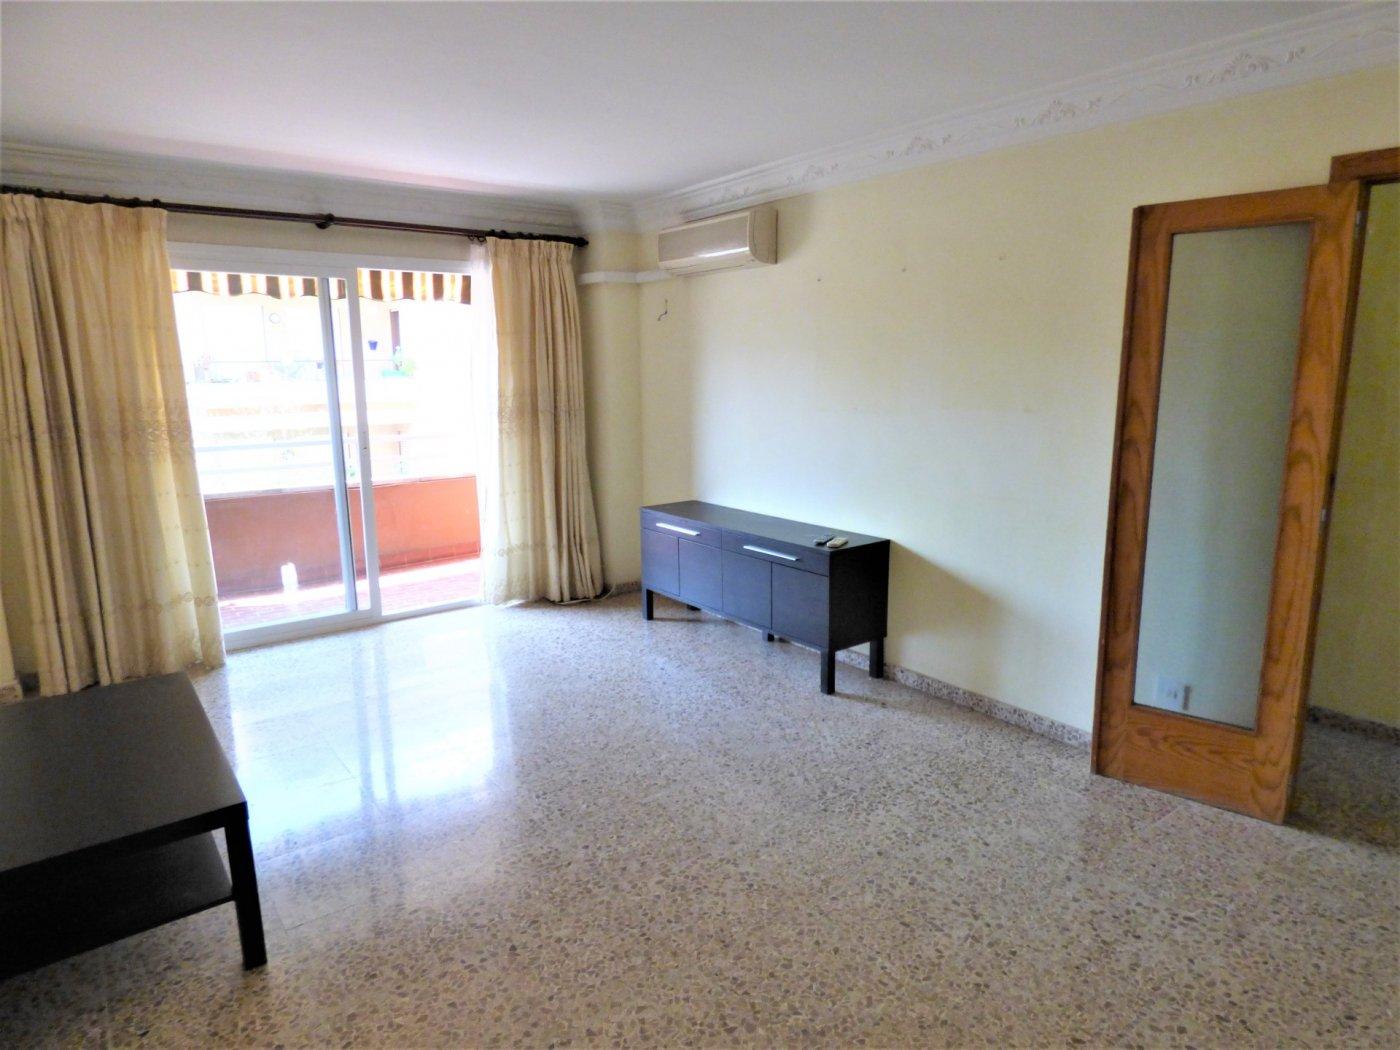 Amplio piso en son cotoner con garaje - imagenInmueble2